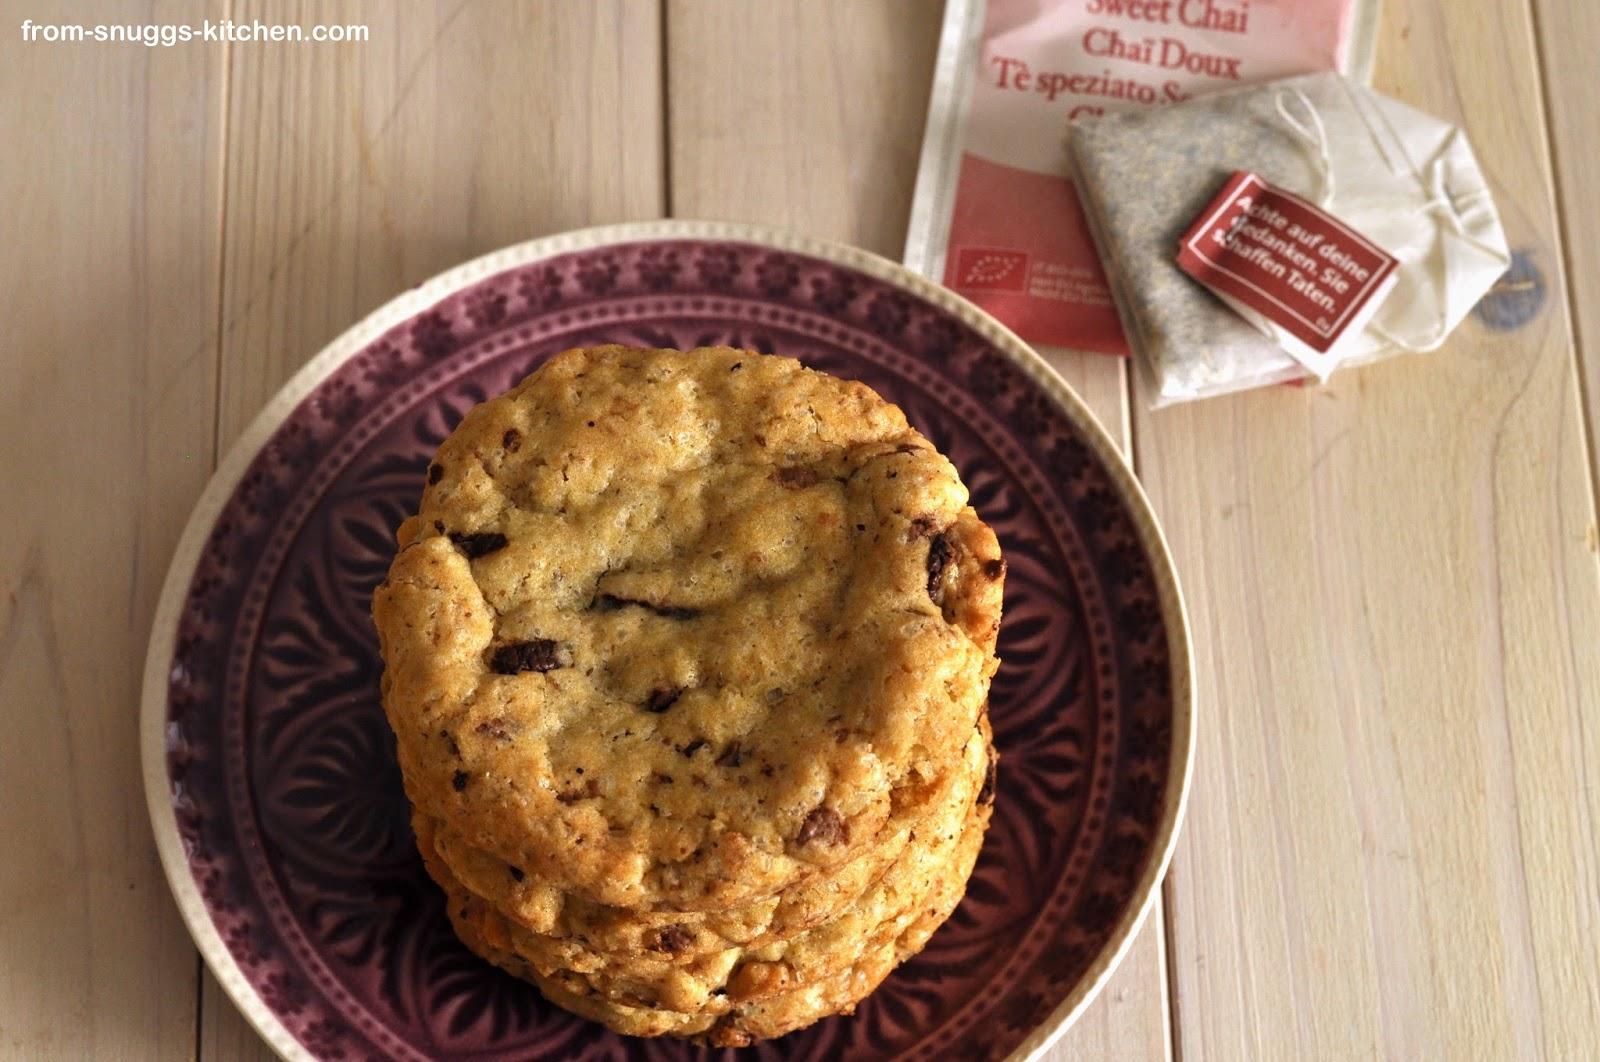 Chai Espresso Cookies